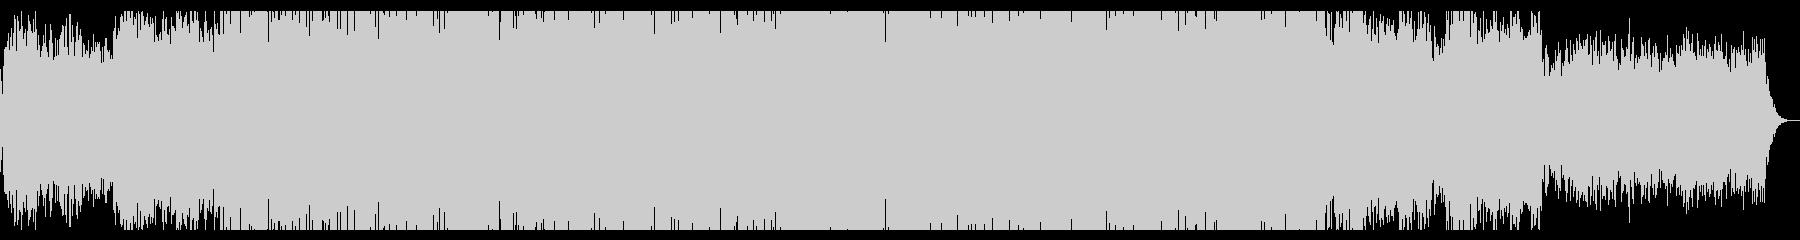 ドキュメンタリー×報道×深刻×厳しい現実の未再生の波形